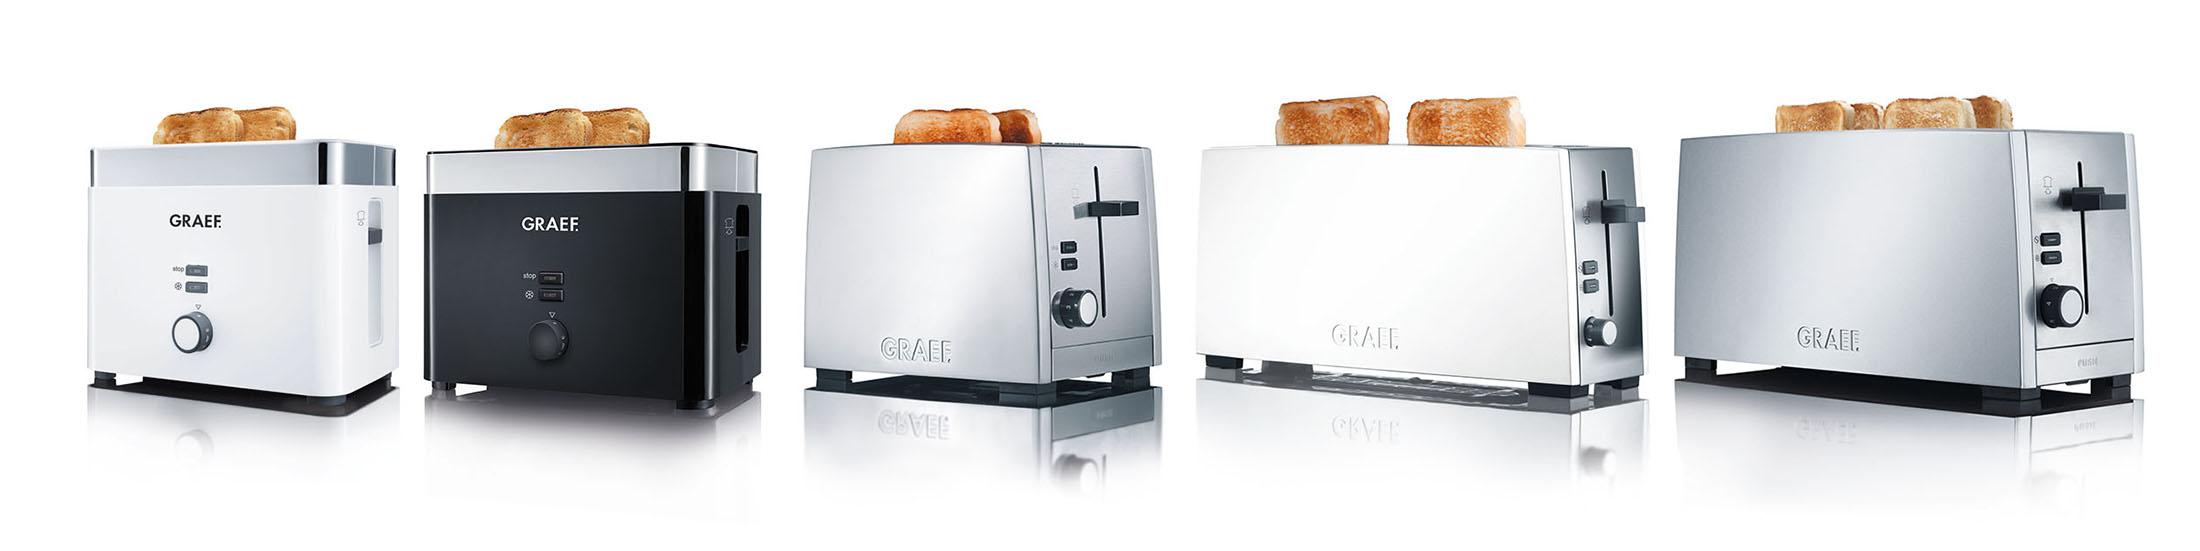 GRAEF kenyérpirítók